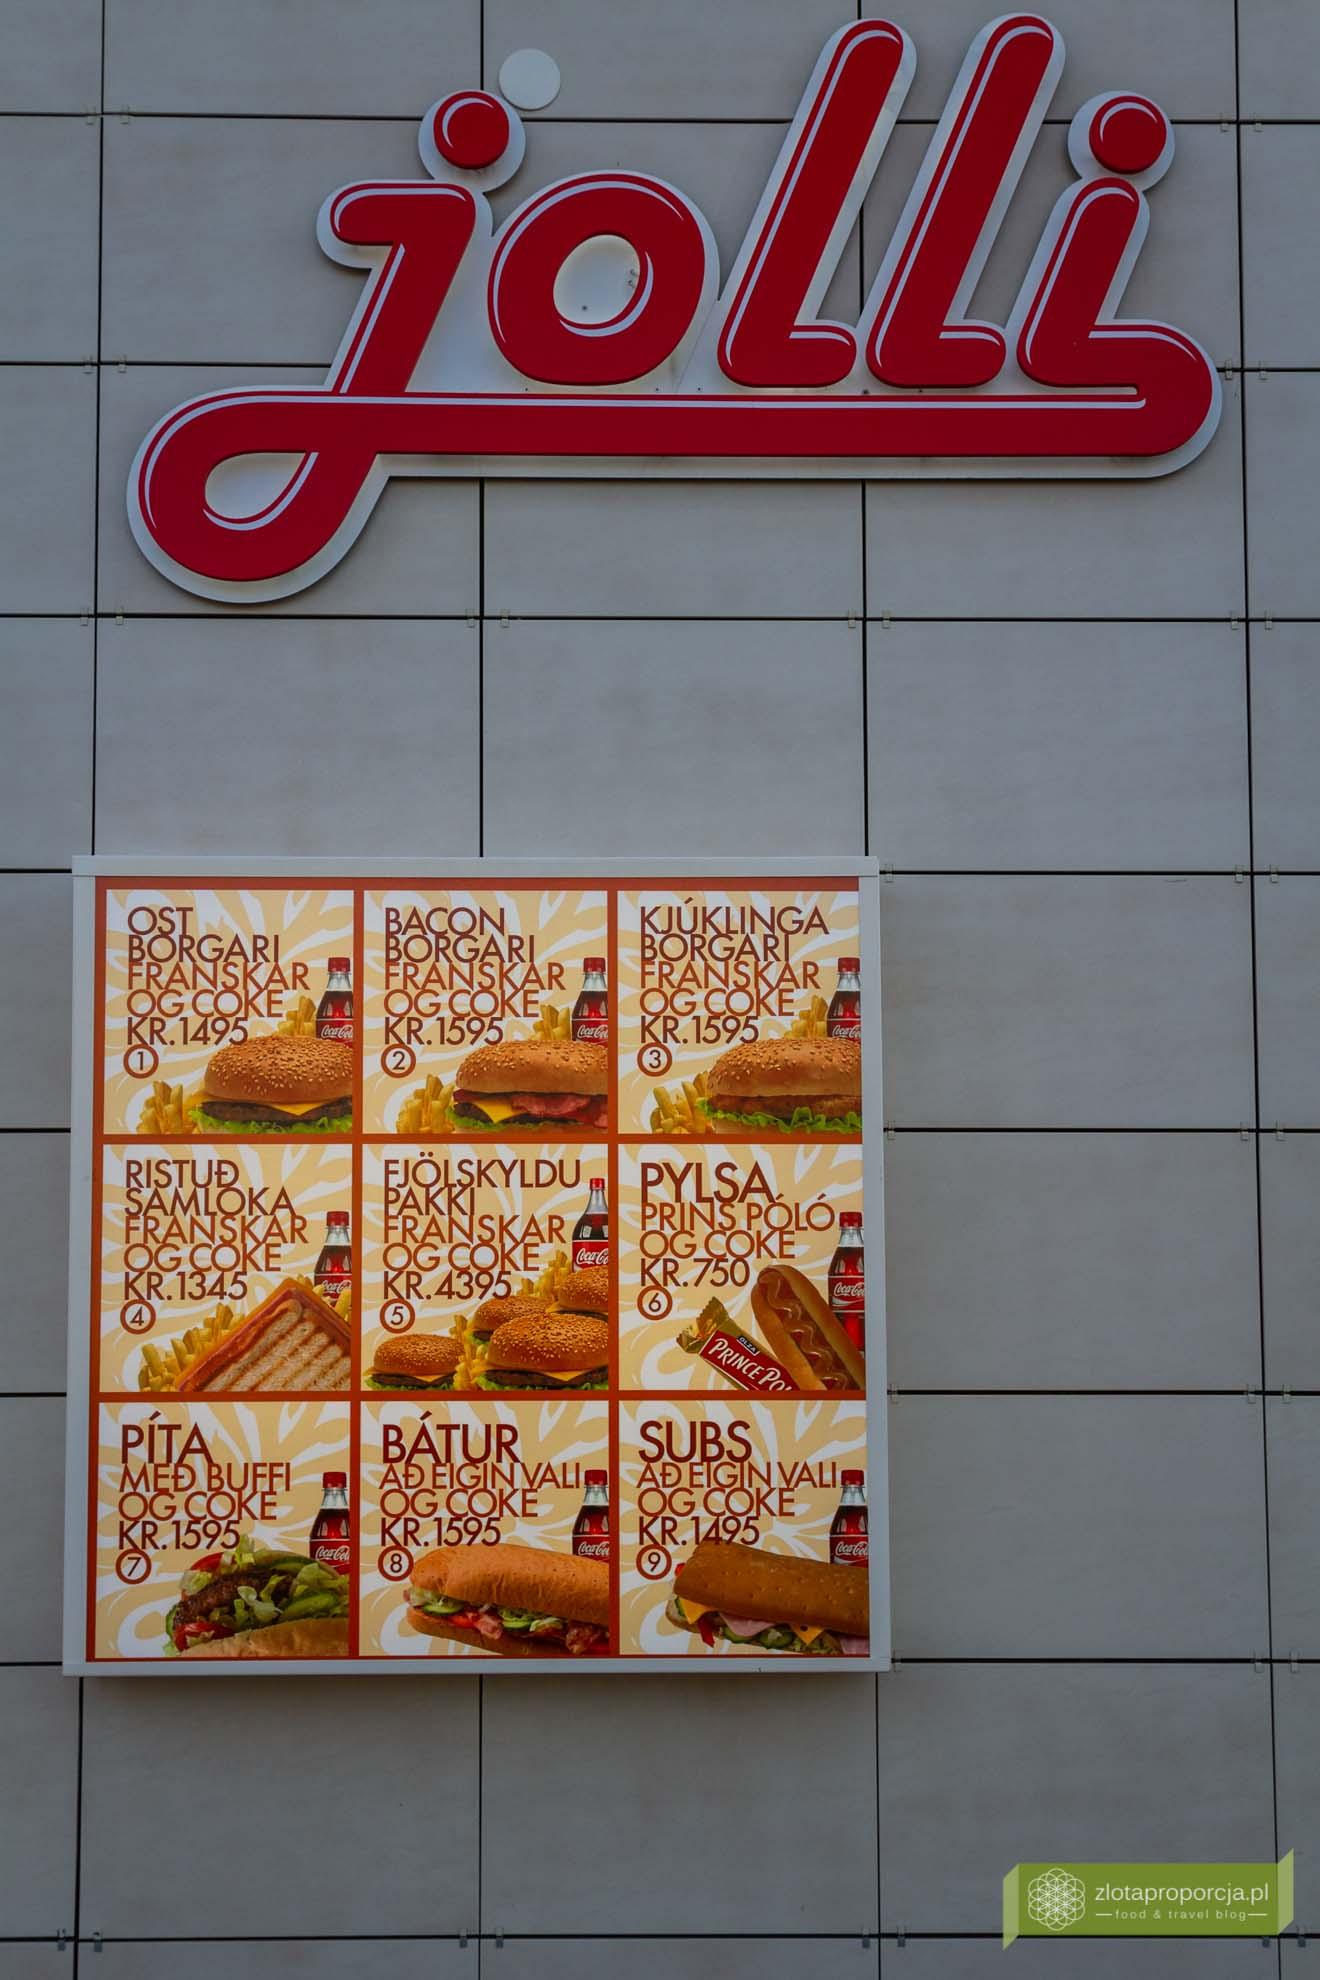 kuchnia islandii, kuchnia islnadzka, islandzkie potrawy, co zjeść na Islandii; islandzkie specjały; hot dog islandia, pylsur;